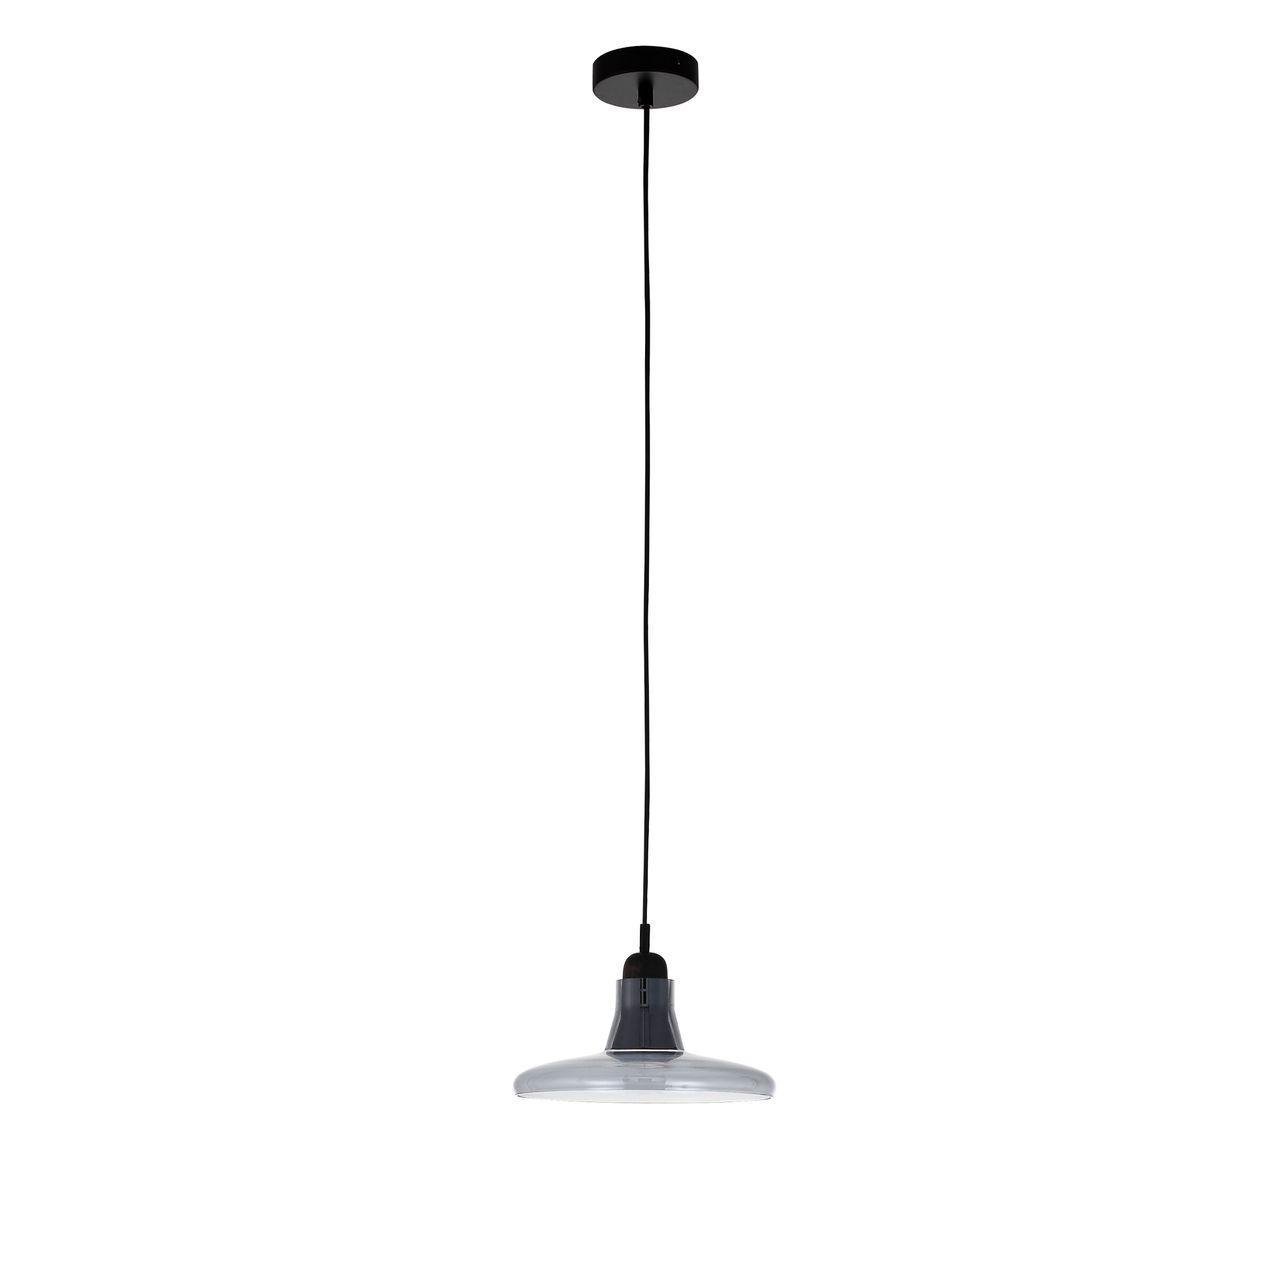 Фото - Подвесной светильник ST Luce SL332.133.01, черный светильник подвесной st luce trina sl274 503 03 3xe27x40w 50 x 50 x 138 см